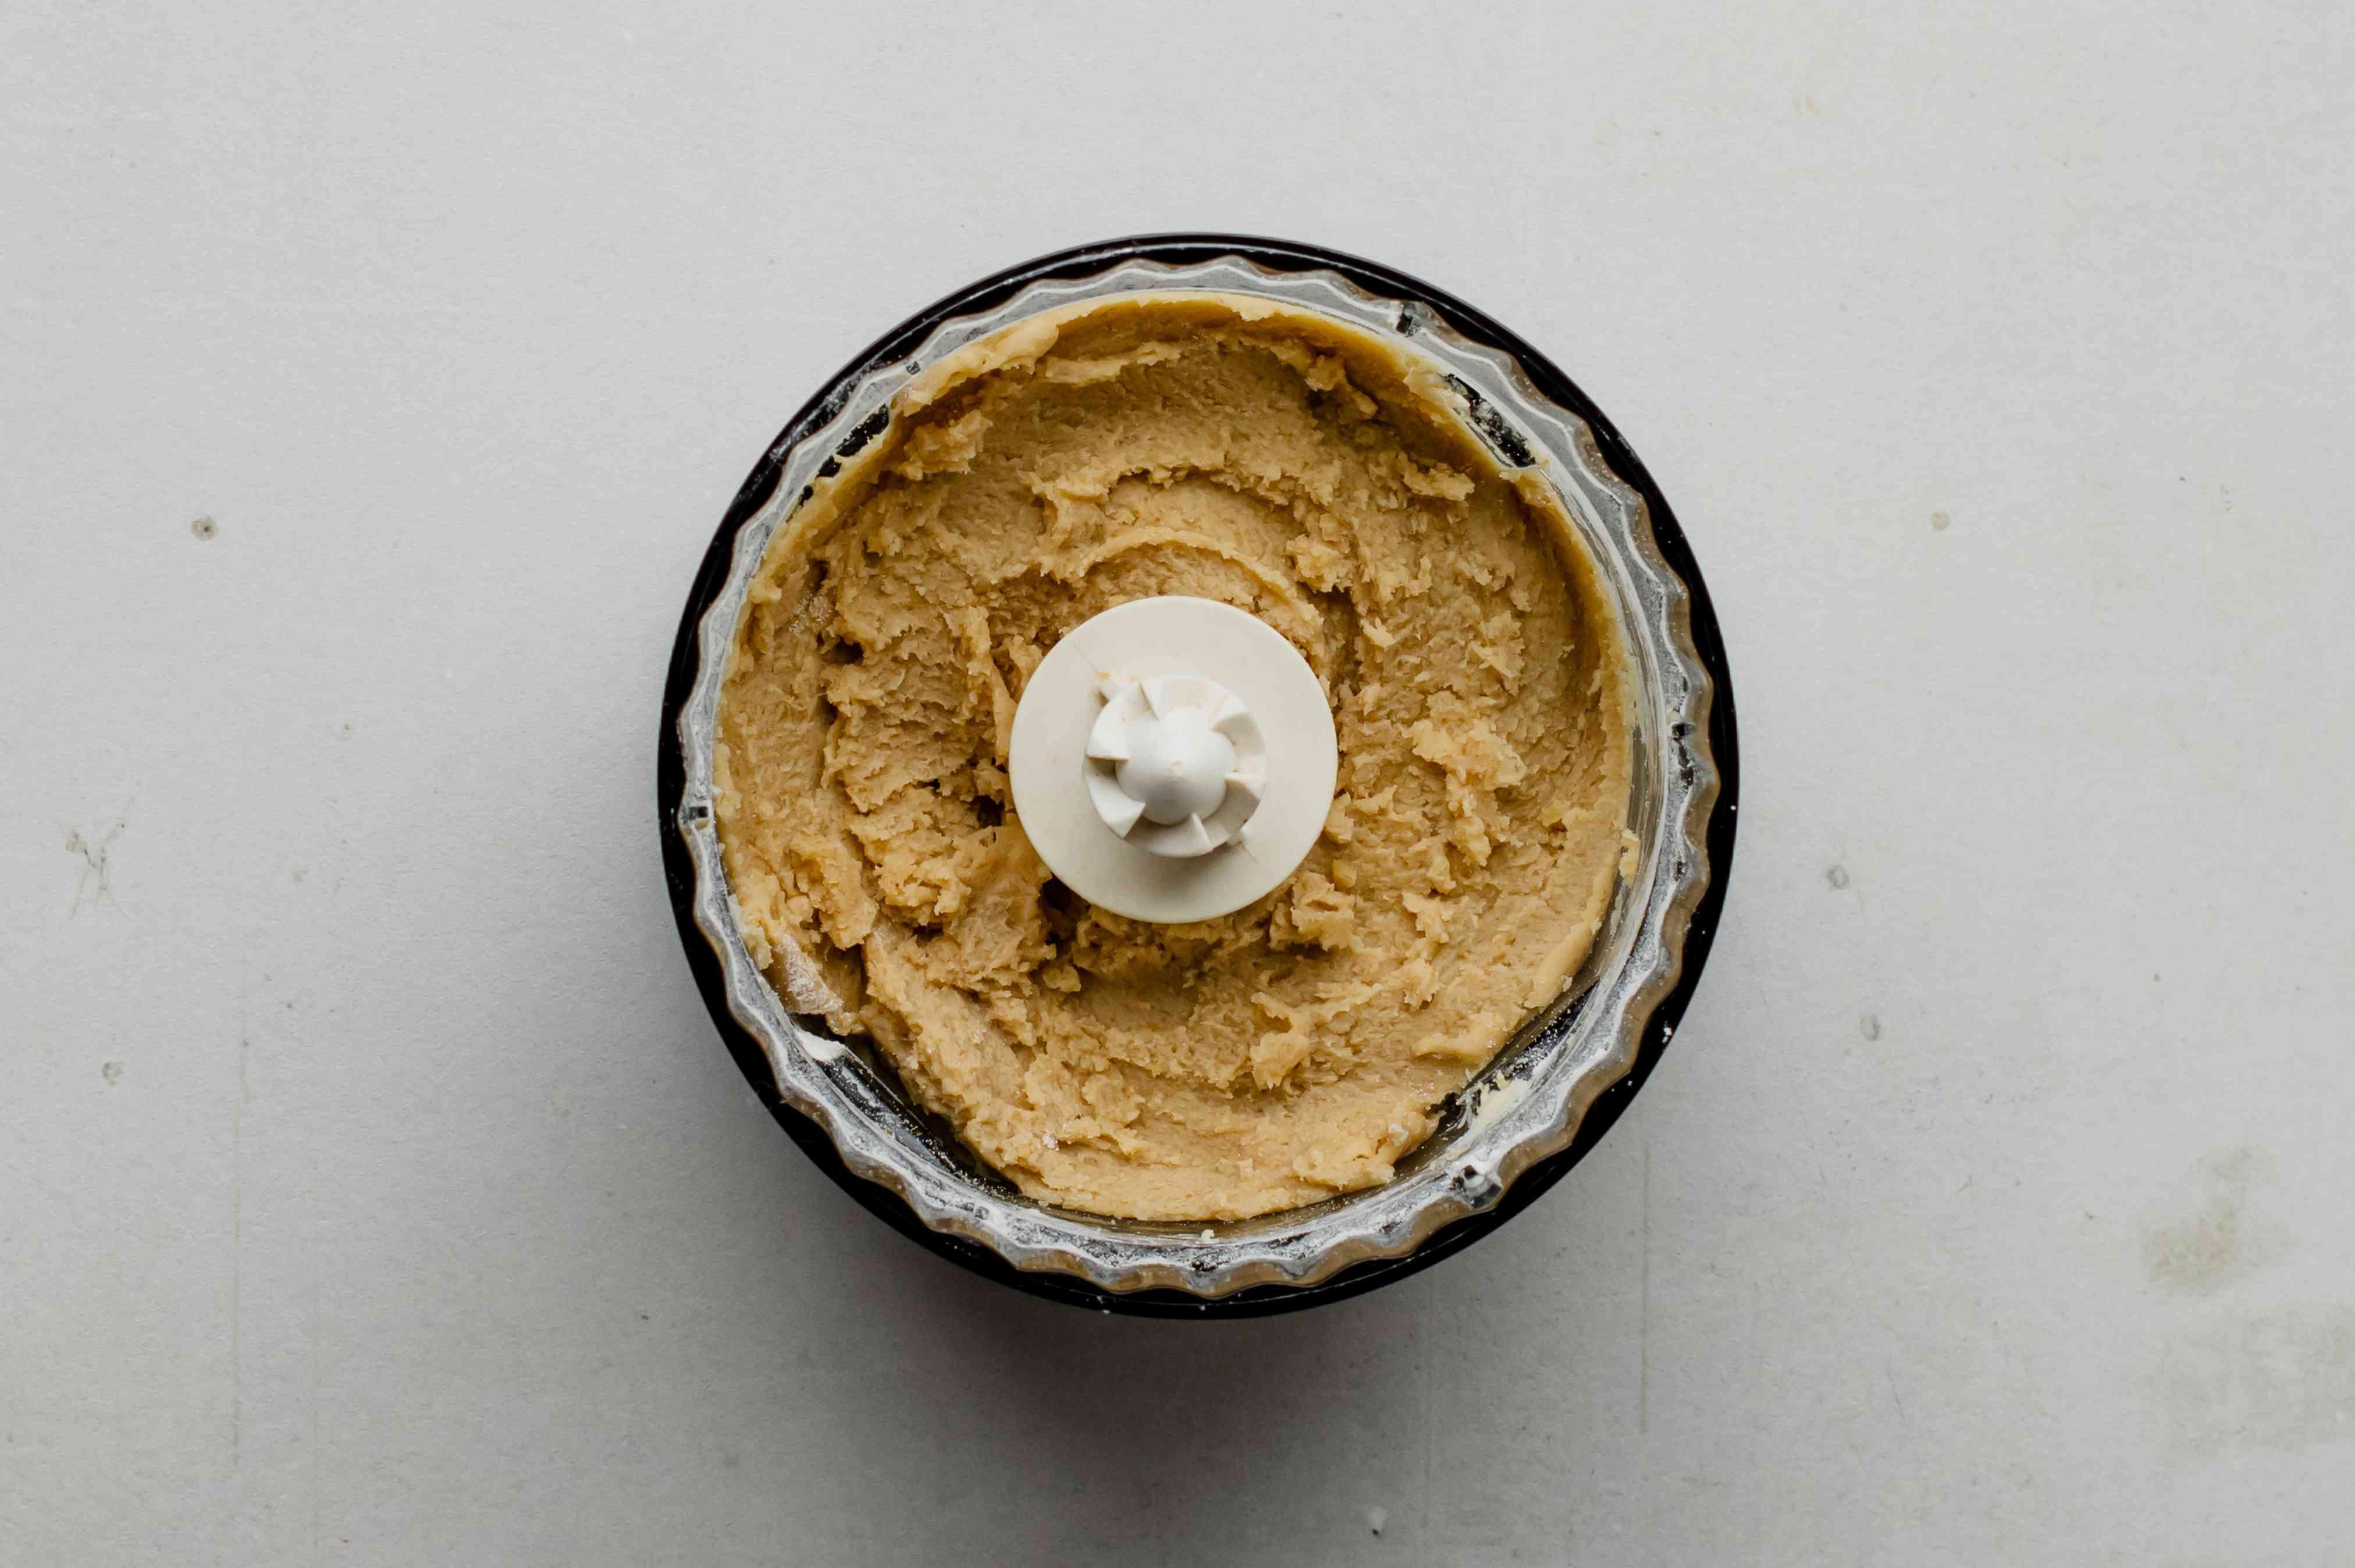 Blend ingredients in food processor